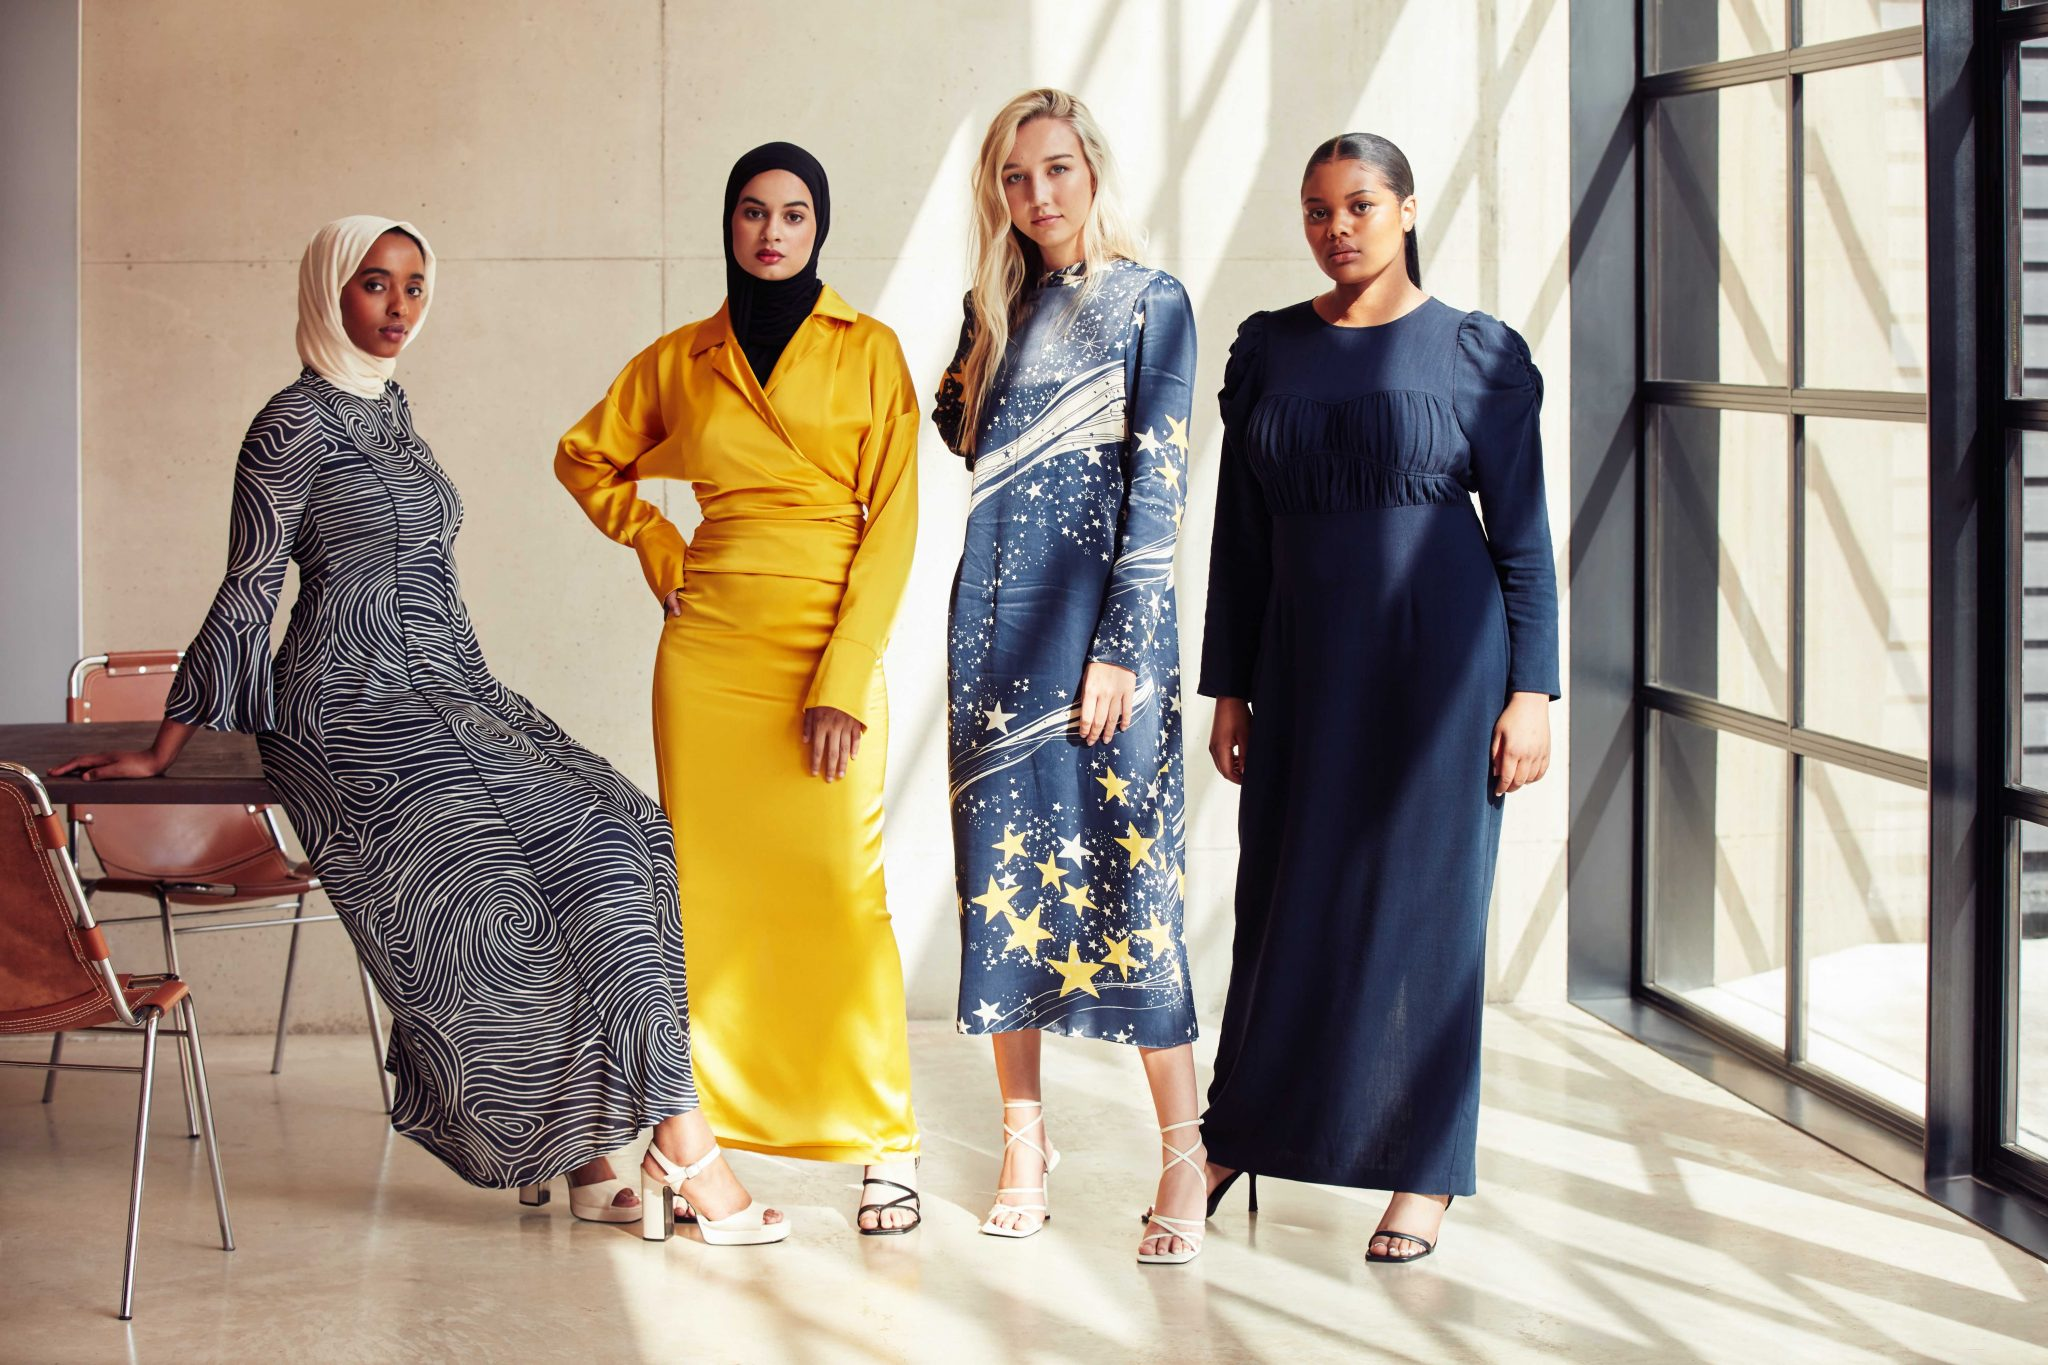 Nieuw modelabel DASKA geeft modest fashion een nieuwe elan - 1